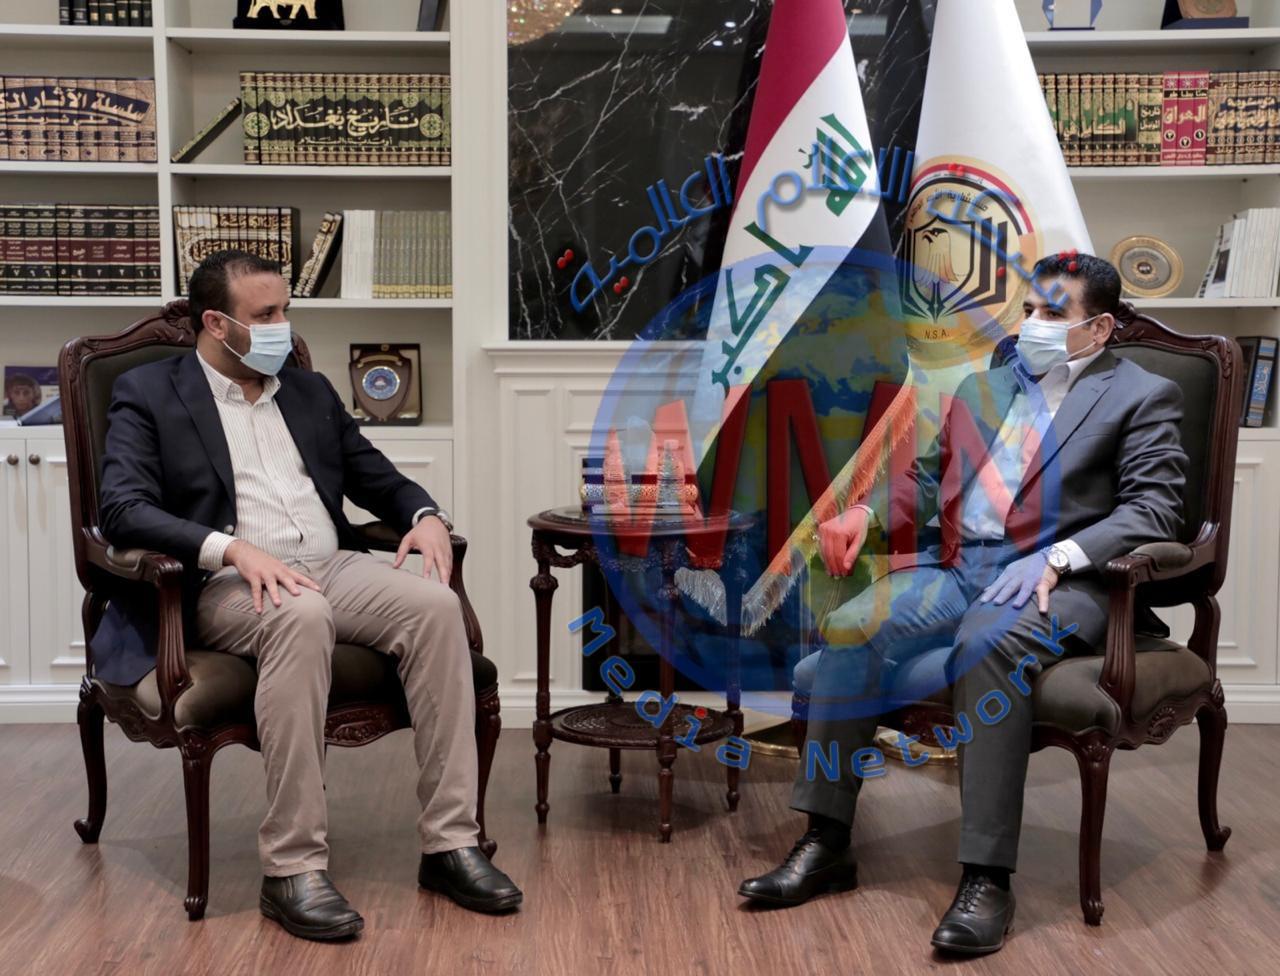 مستشار الأمن القومي قاسم الأعرجي يستقبل رئيس أمناء شبكة الإعلام العراقي